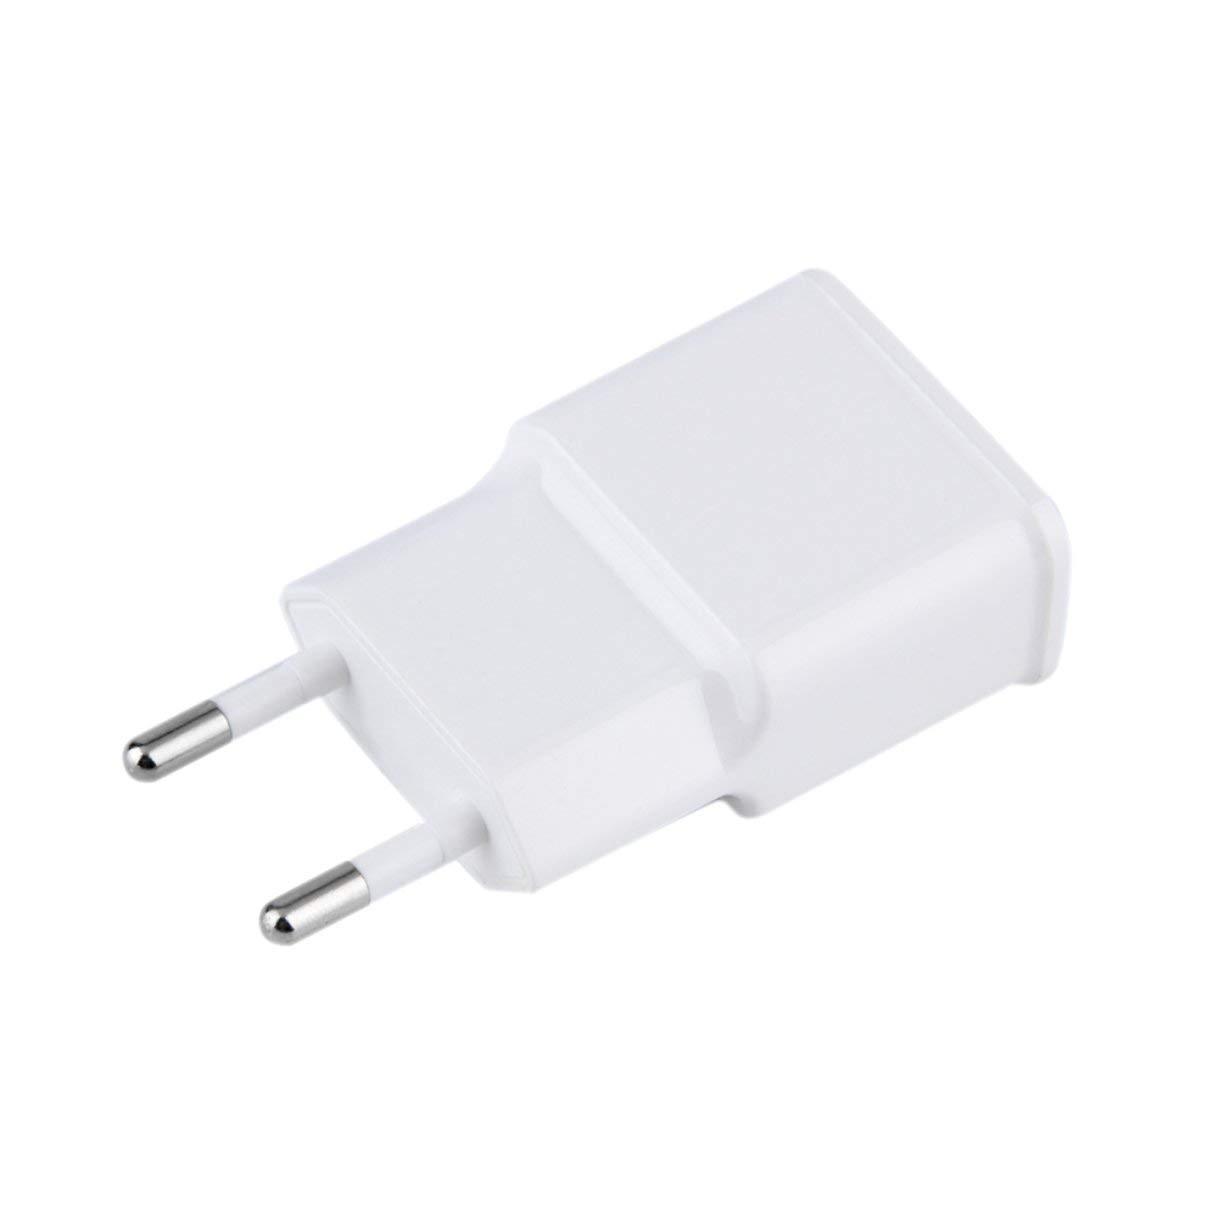 AC Mur Chargeur Tablet Alimentation Adaptateur 5 V 2A Double USB 2-Port Voyage de Charge USA pour Té lé phone Mobile PC Blanc US/EU Plug UniqueHeart